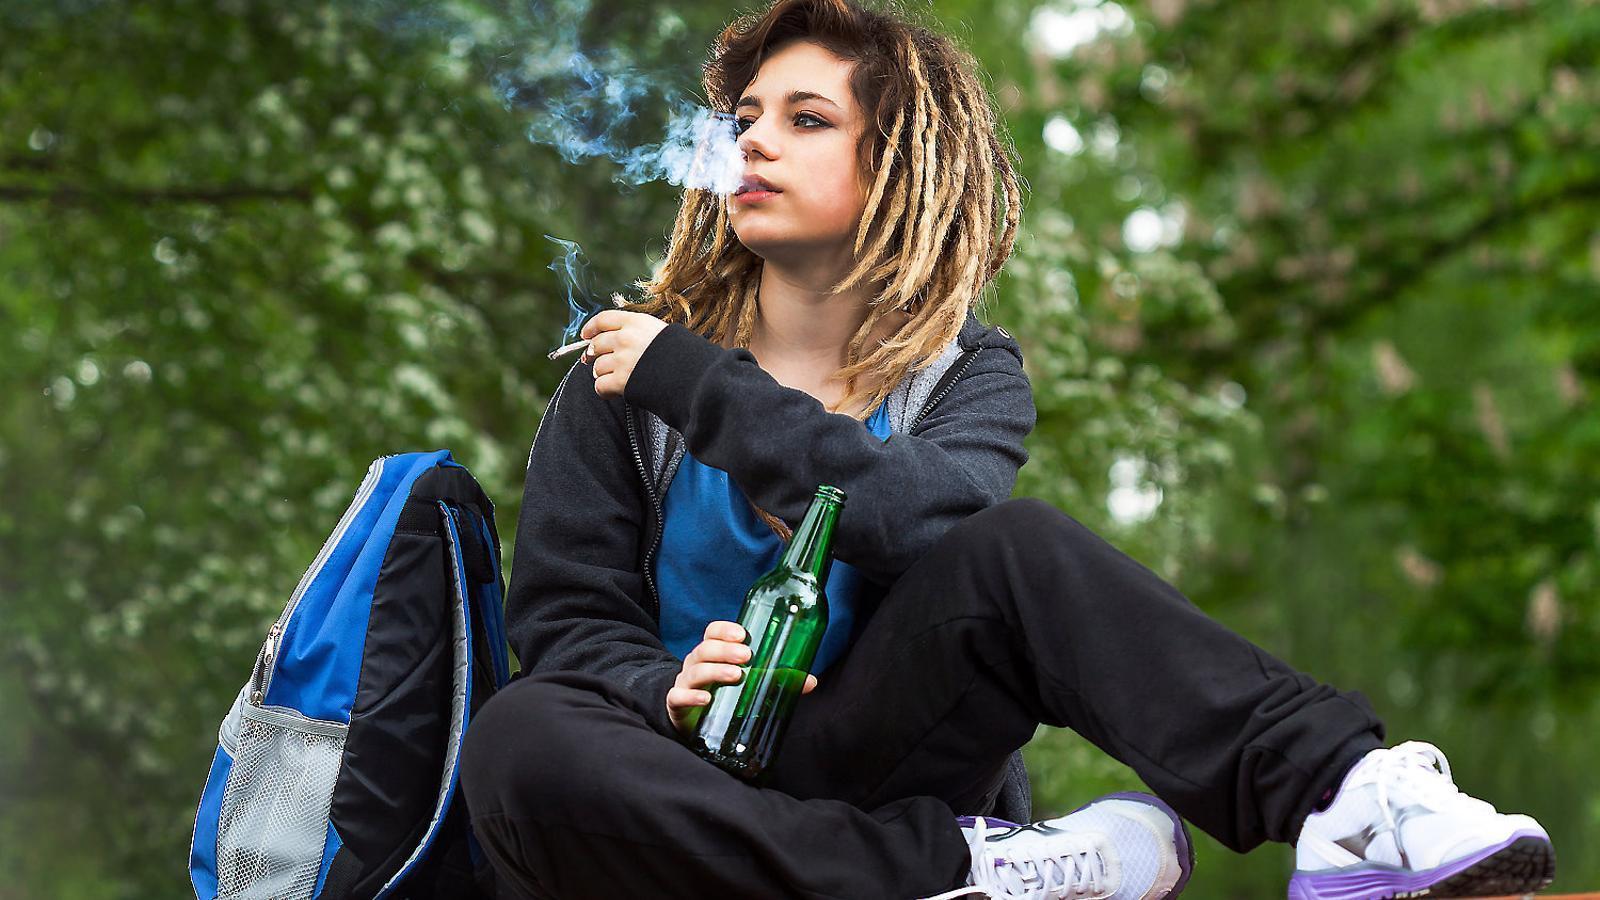 L'addicció als vídeojocs i a l'smartphone té la mateixa base neurobiològica que l'abús de drogues entre els joves